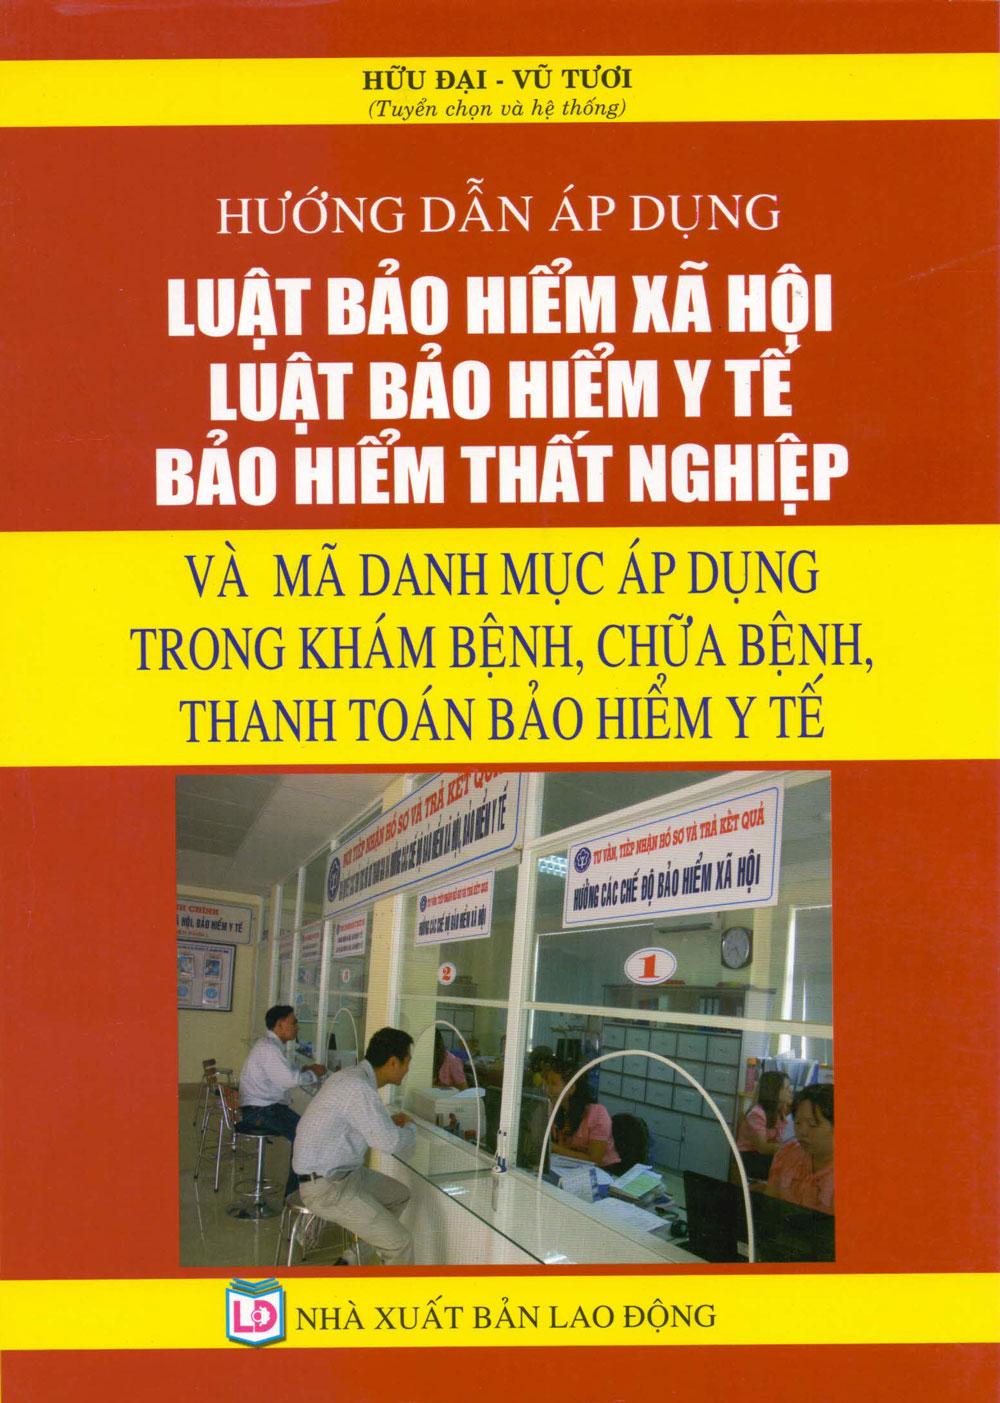 Hướng Dẫn Áp Dụng Luật Bảo Hiểm Xã Hội, Luật Bảo Hiểm Y Tế - Bảo Hiểm Thất Nghiệp (2016) - 2381883843952,62_584290,350000,tiki.vn,Huong-Dan-Ap-Dung-Luat-Bao-Hiem-Xa-Hoi-Luat-Bao-Hiem-Y-Te-Bao-Hiem-That-Nghiep-2016-62_584290,Hướng Dẫn Áp Dụng Luật Bảo Hiểm Xã Hội, Luật Bảo Hiểm Y Tế - Bảo Hiểm Thất Nghiệp (2016)